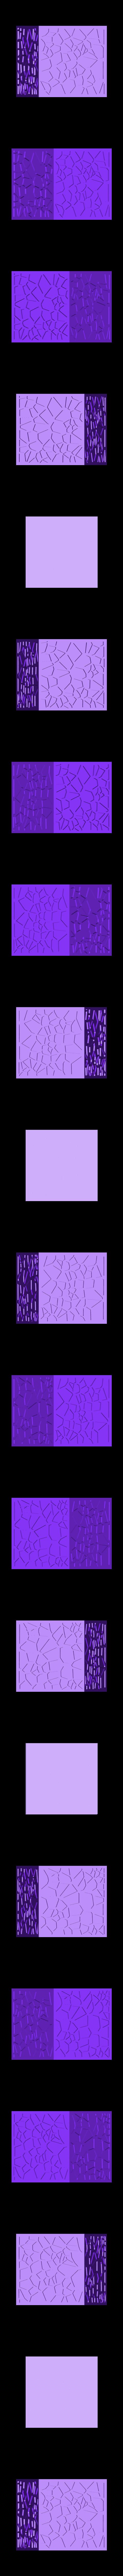 tea-light-voronoi-box.stl Télécharger fichier STL gratuit Voronoi Tea Light Shade • Modèle à imprimer en 3D, O3D